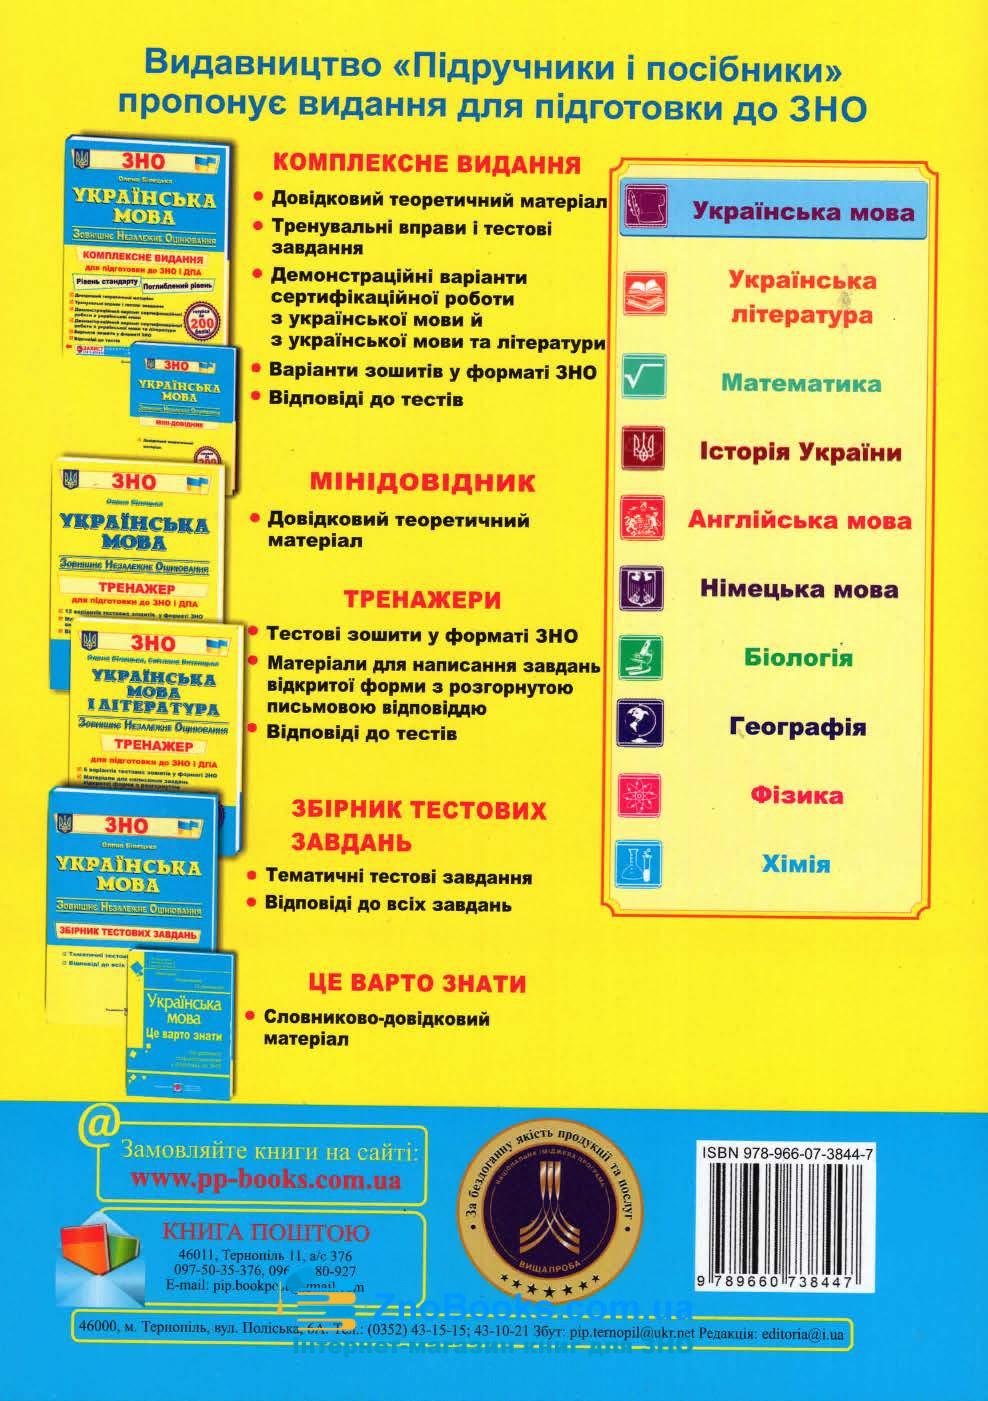 Завдання відкритої форми з розгорнутою письмовою відповіддю. Українська мова ЗНО 2021 : Готевич С. 11